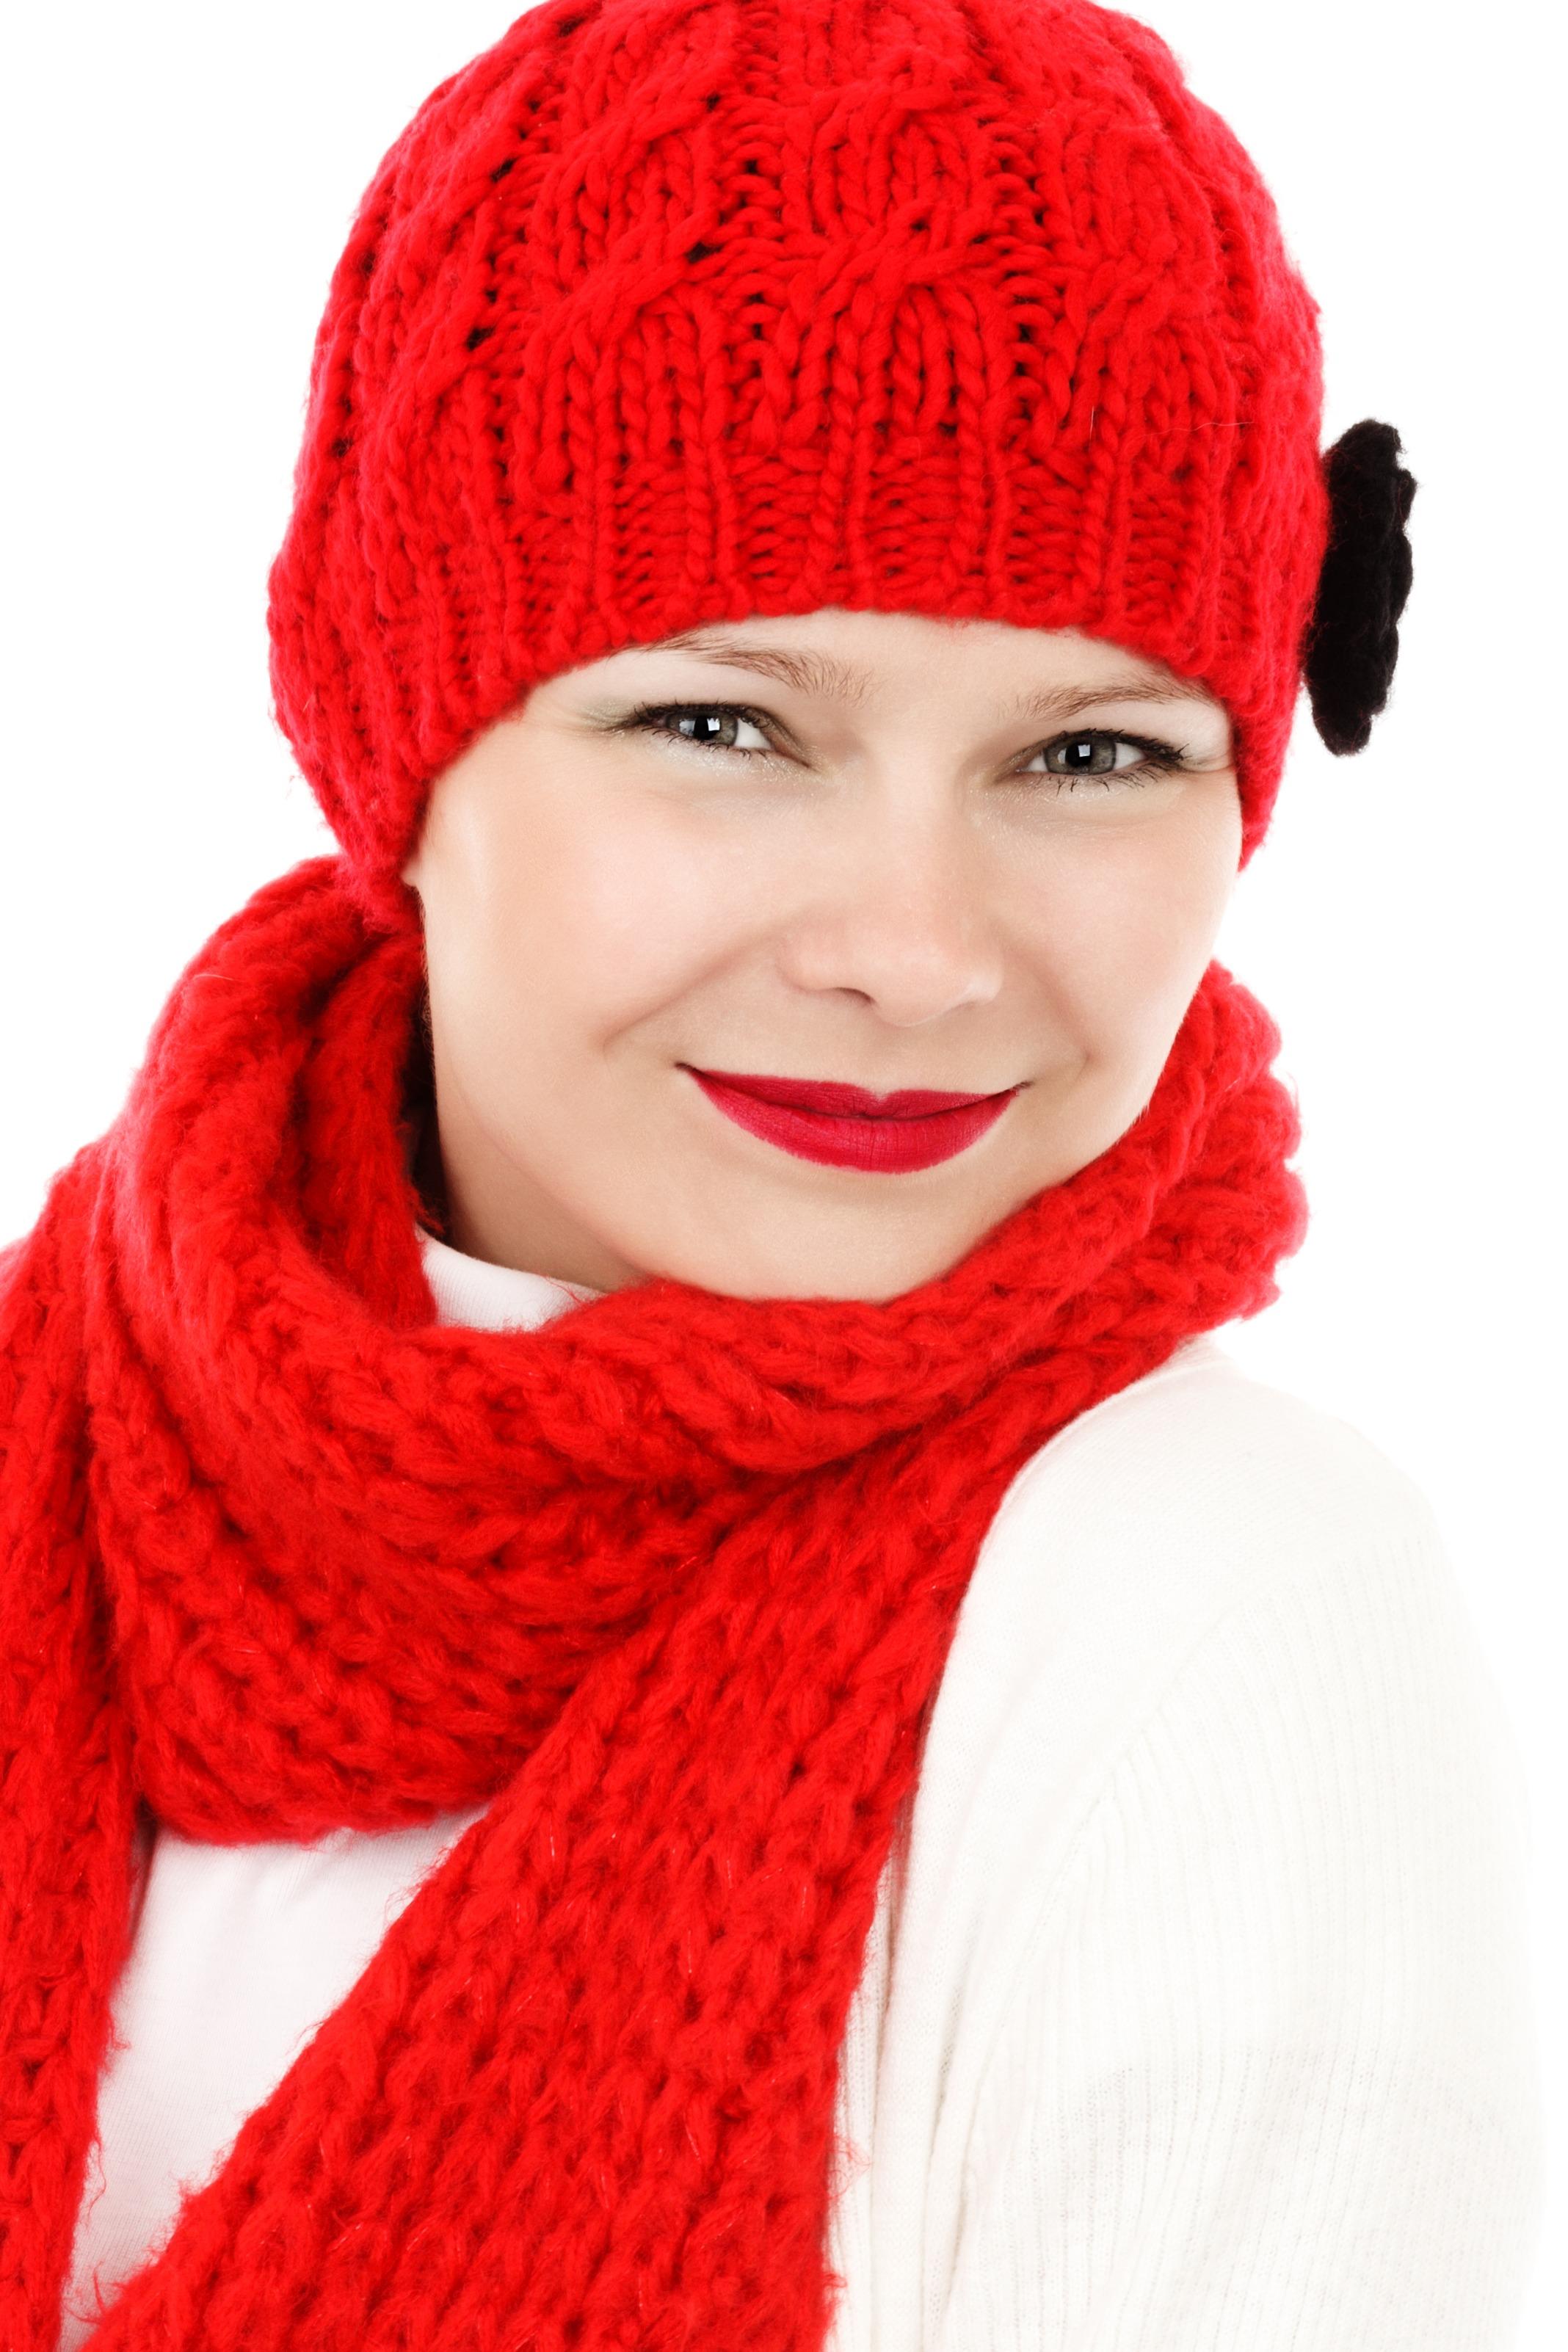 Kostenlose foto : Person, Winter, Menschen, Mädchen, Frau, warm ...